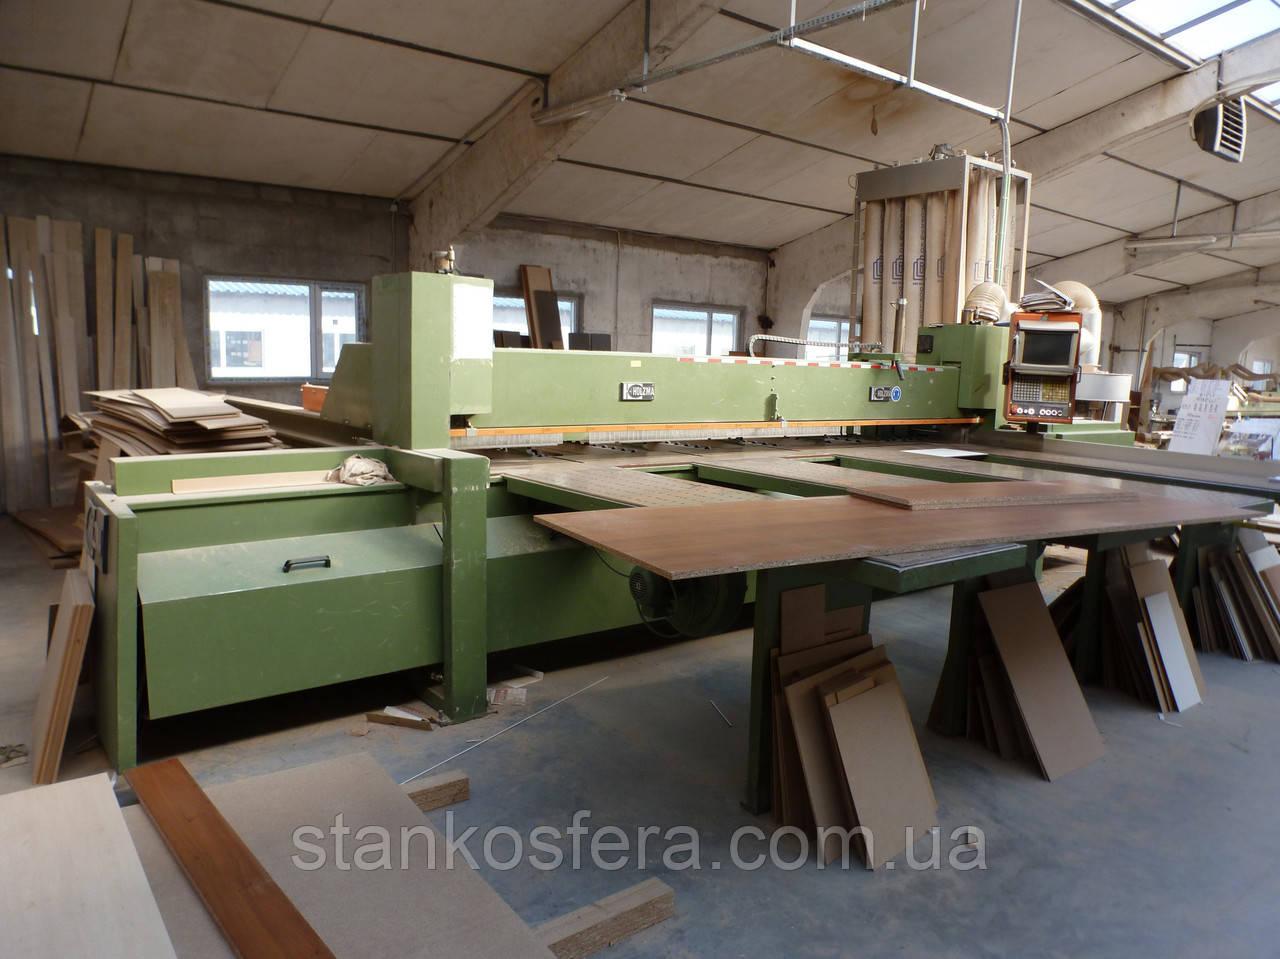 Пильный центр Holzma HPP81/4200 б/у 92г.